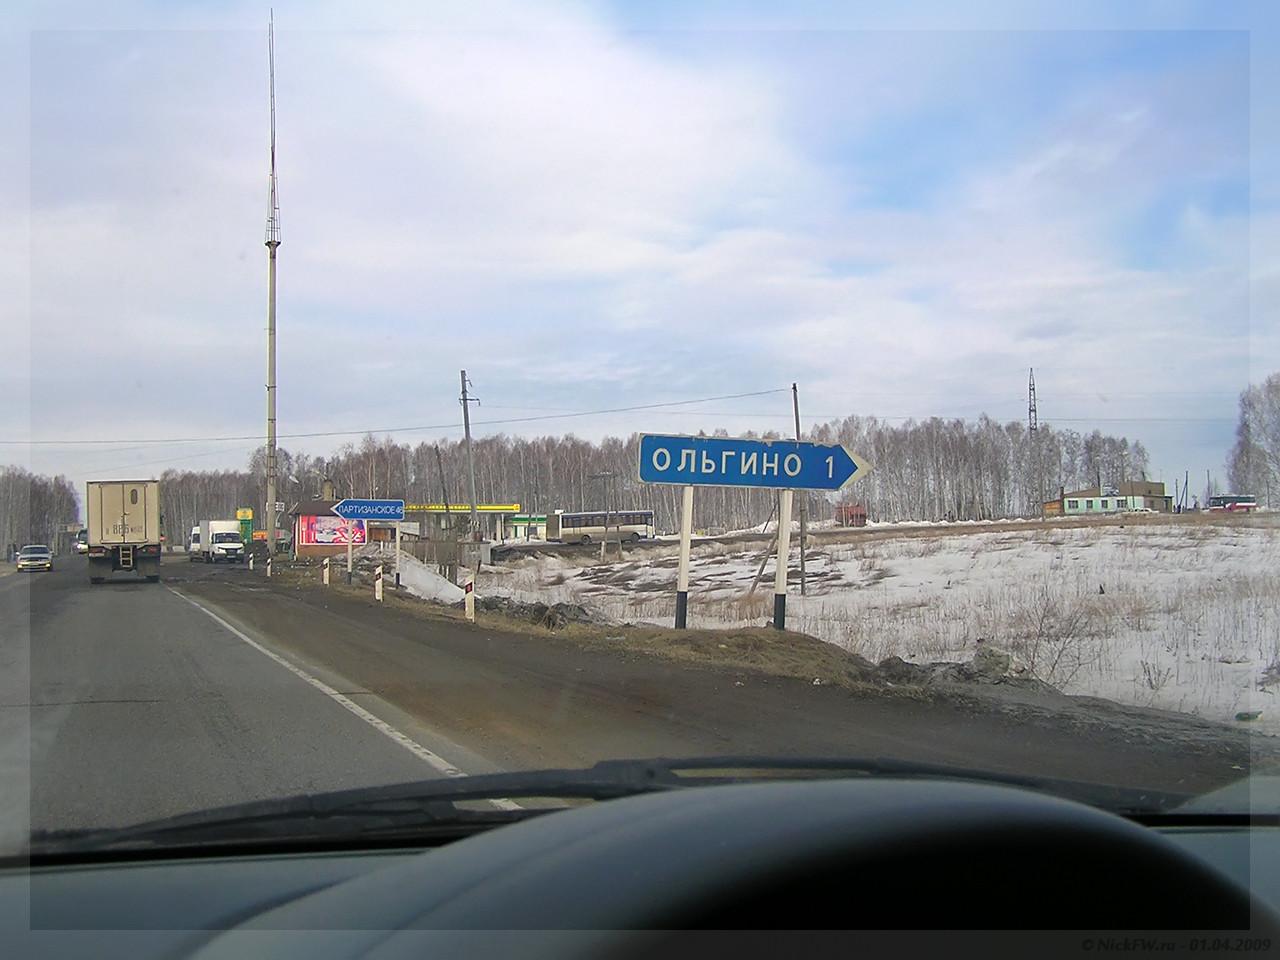 Ольгино (© NickFW - 01.04.2009)